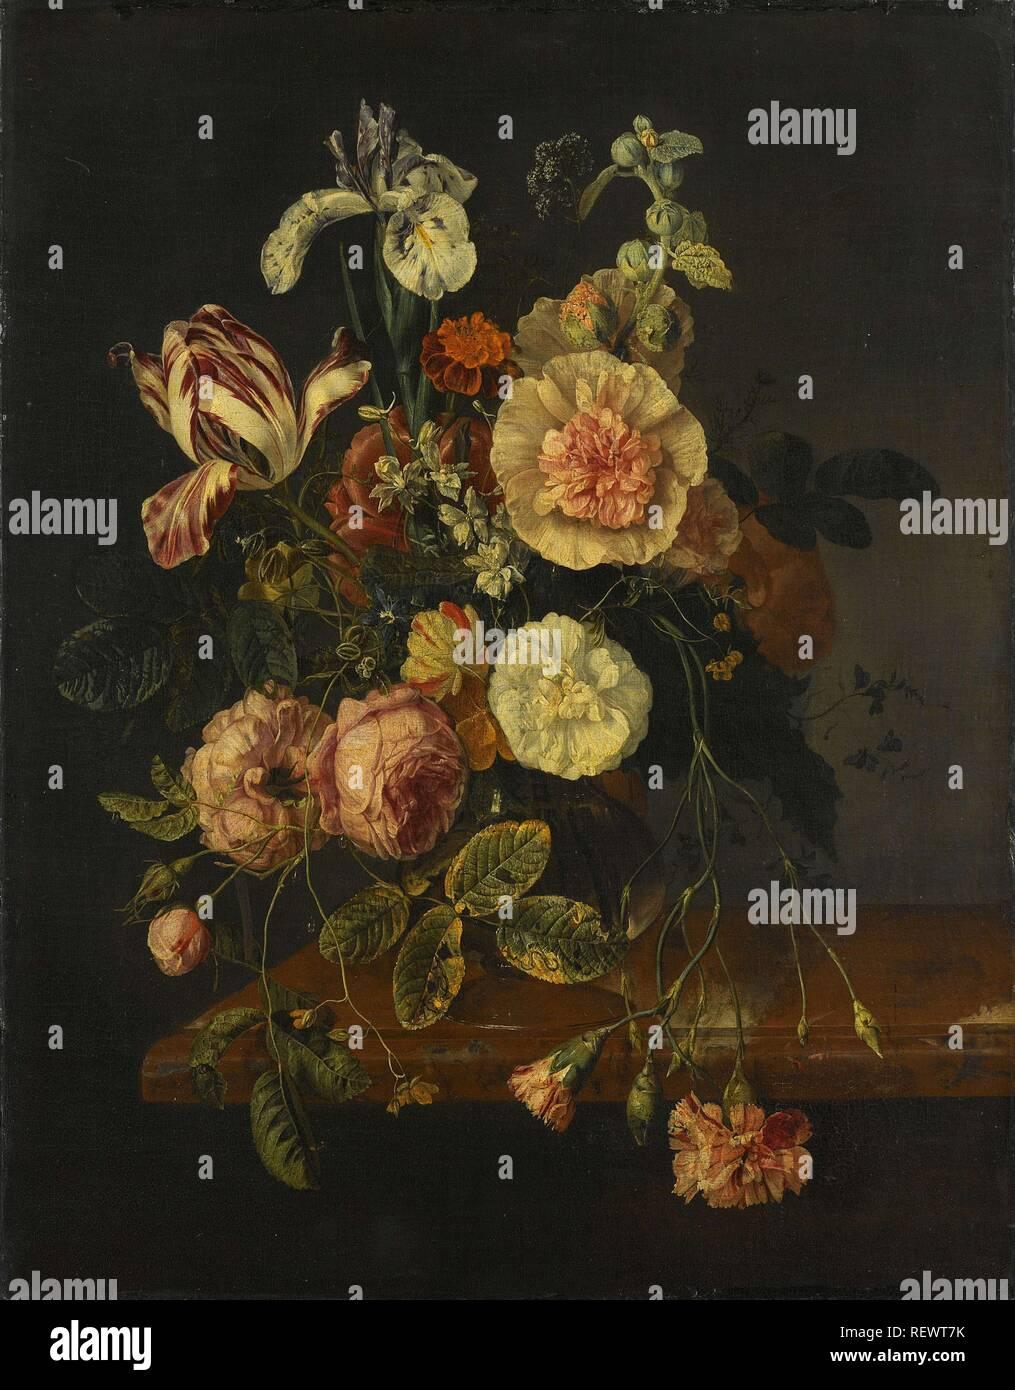 Stillleben mit Blumen. Datierung: 1670 - 1727. Maße: H 65 cm x W 51,5 cm; d 6cm. Museum: Rijksmuseum, Amsterdam. Autor: Jacob van Walscapelle (zugeschrieben). Rachel Ruysch (Namensnennung zurückgewiesen). Stockfoto